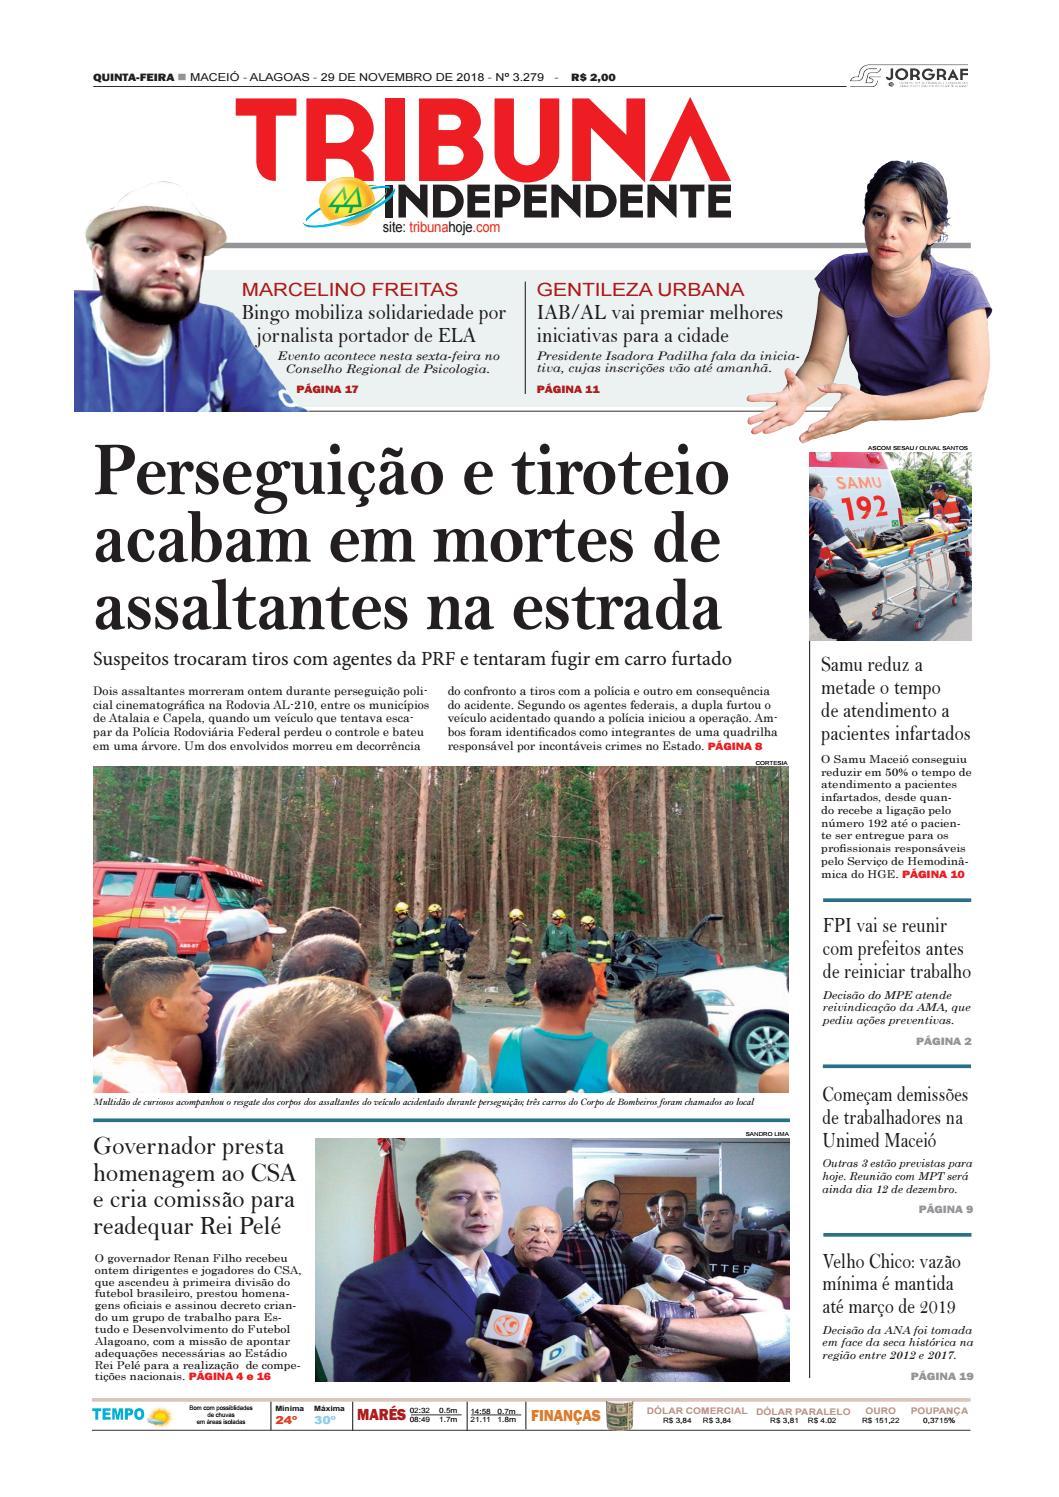 419a6cd34 Edição número 3279 - 29 de novembro de 2018 by Tribuna Hoje - issuu